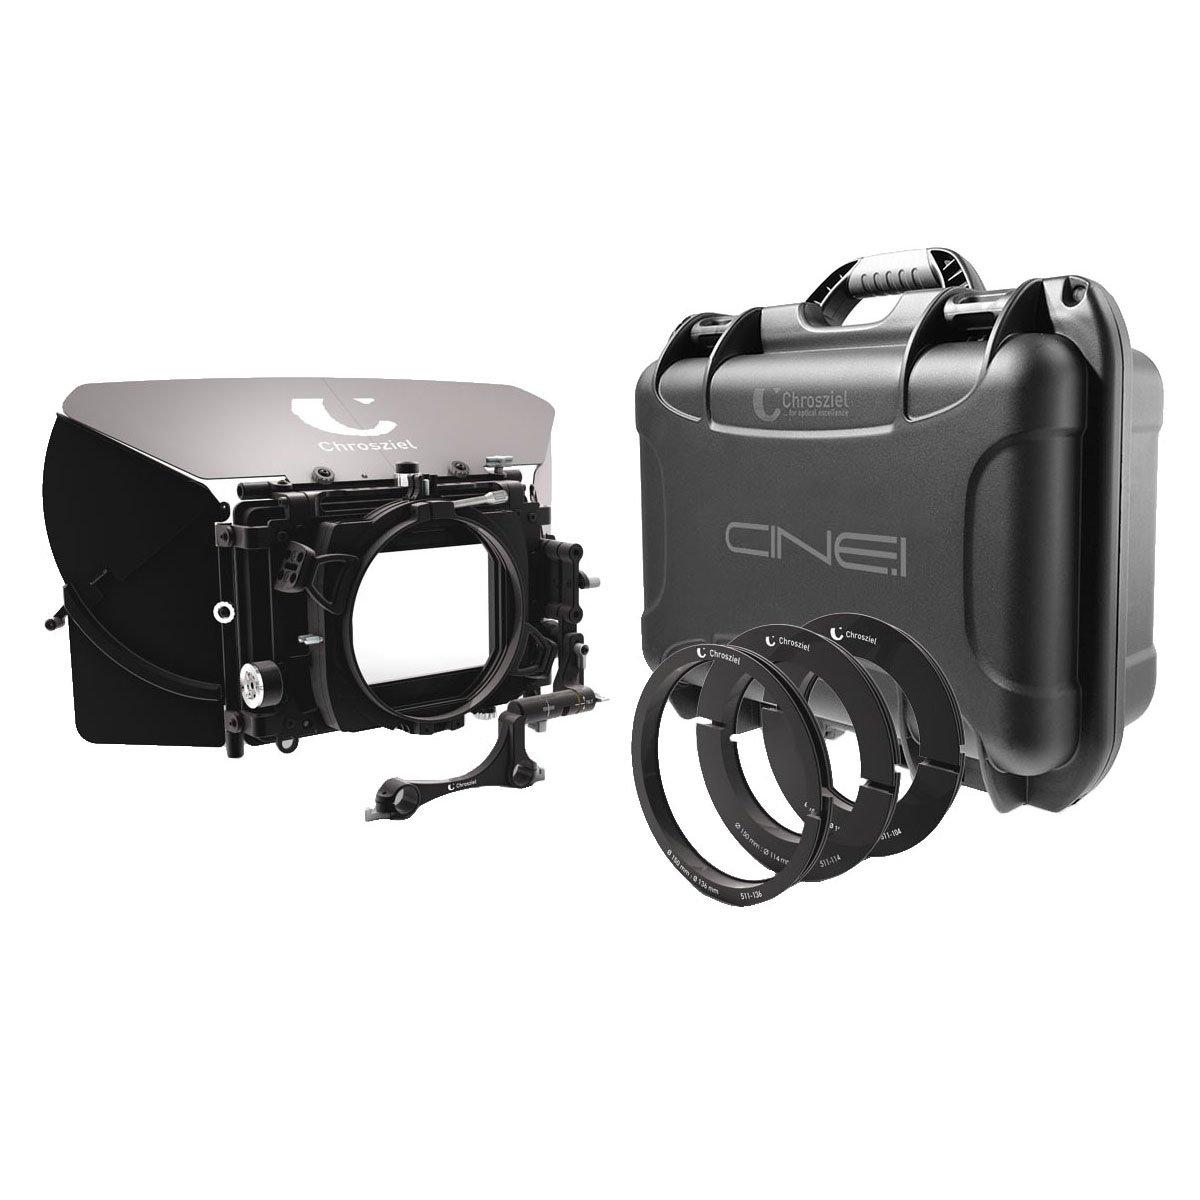 【国内正規品】Chrosziel クロジール Swing-Away MatteBox Kit MB 565 Double for 19 rods 565-05-KIT-19-SW 565-05-KIT-19-SW  B0758CP32M